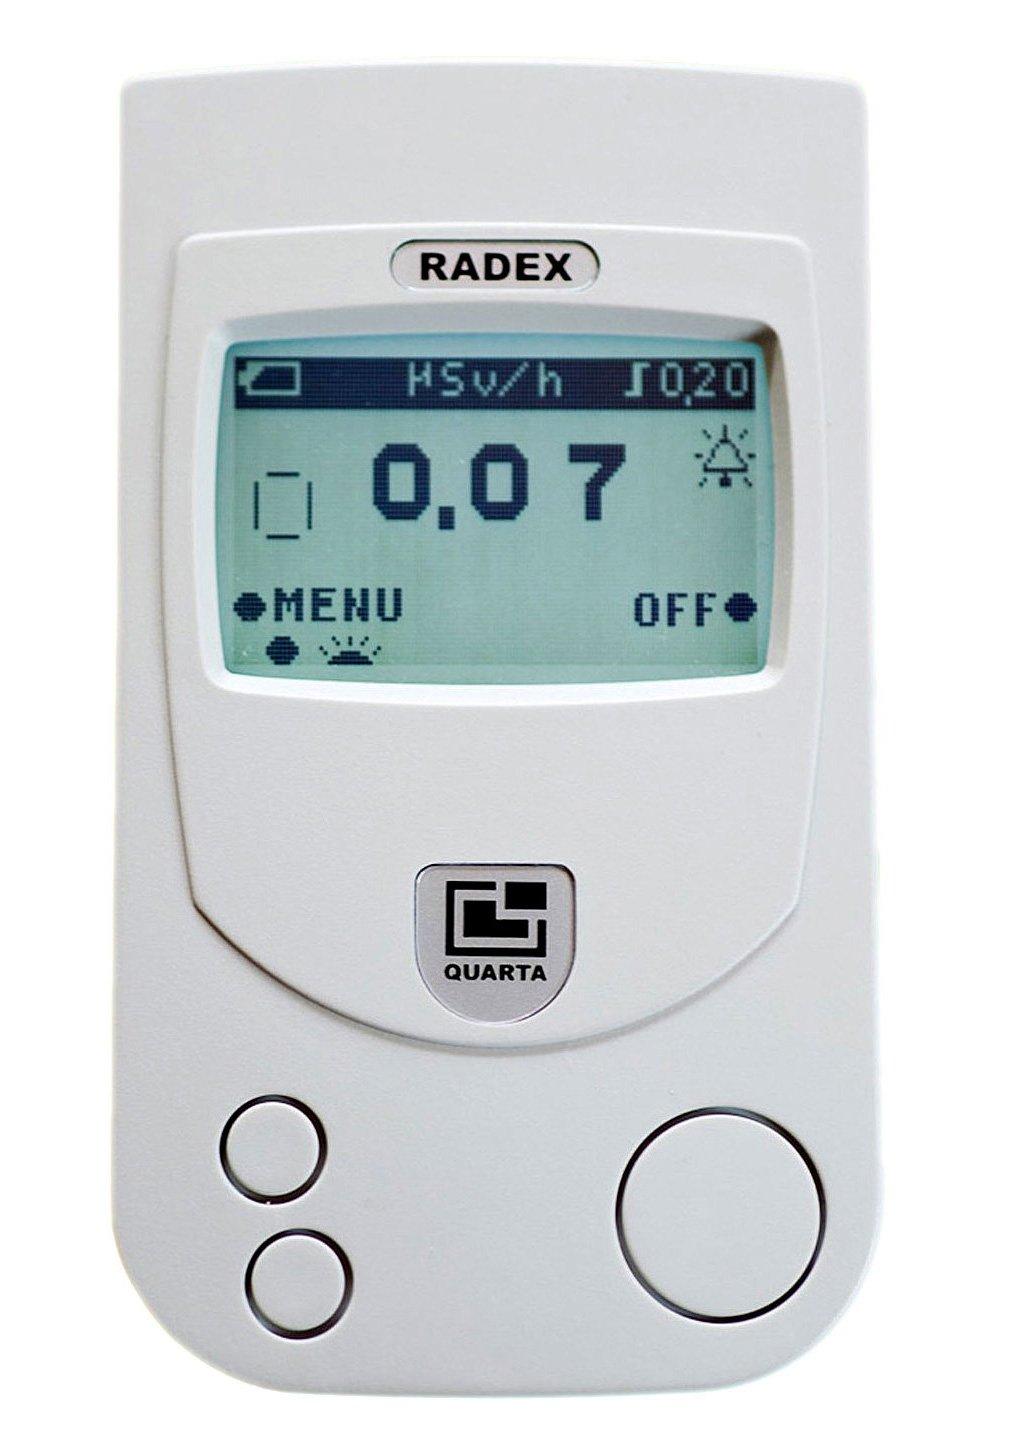 Radex RD1503 con dosímetro, contador Geiger de alta precisión, detector de radiación product image